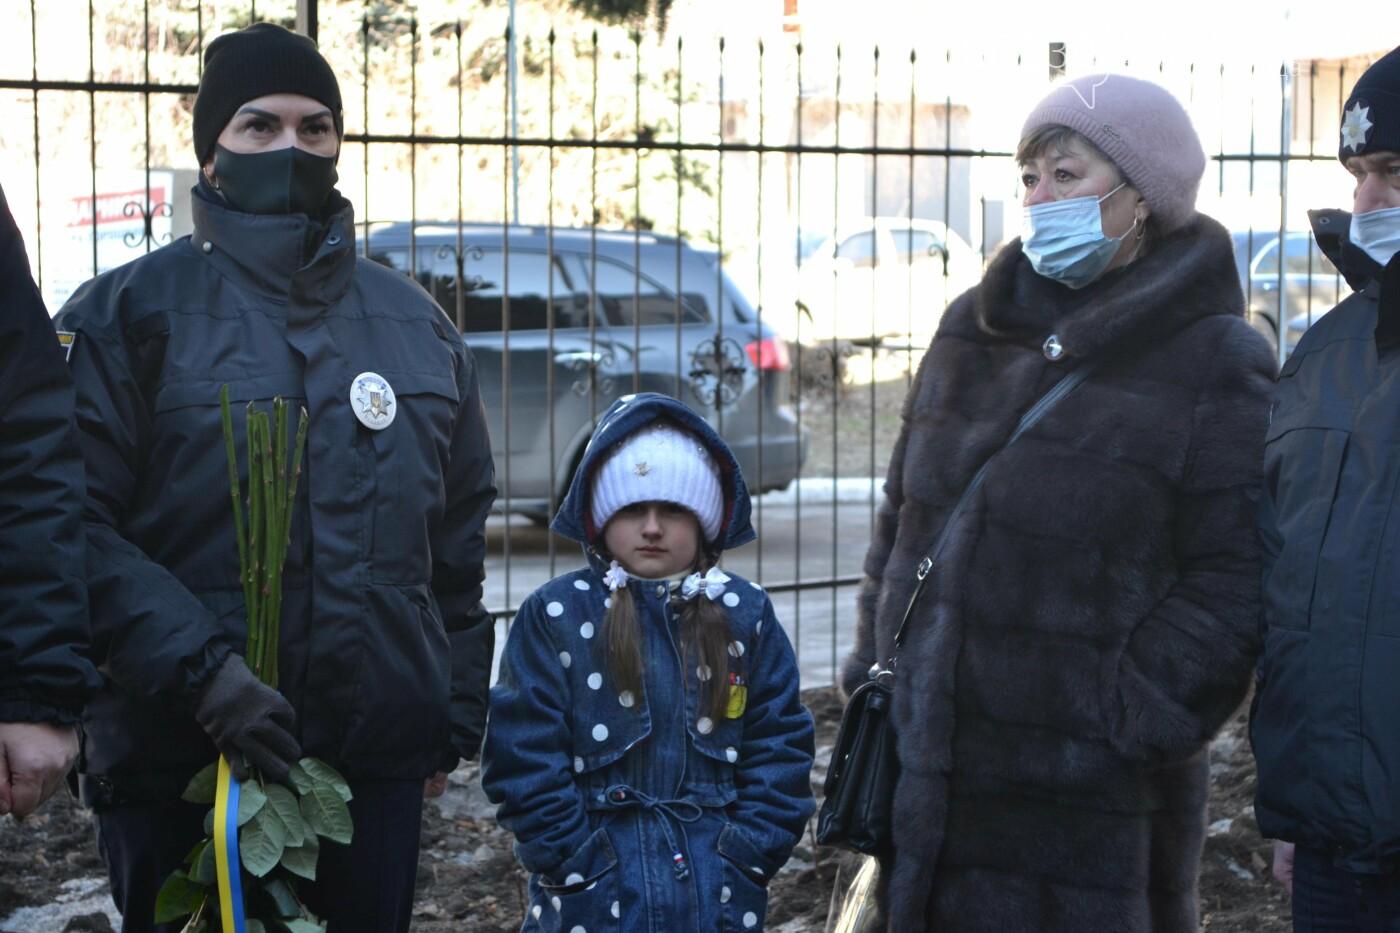 В Покровске почтили память погибшего от рук террористов спецназовца Виталия Мандрыка, фото-1